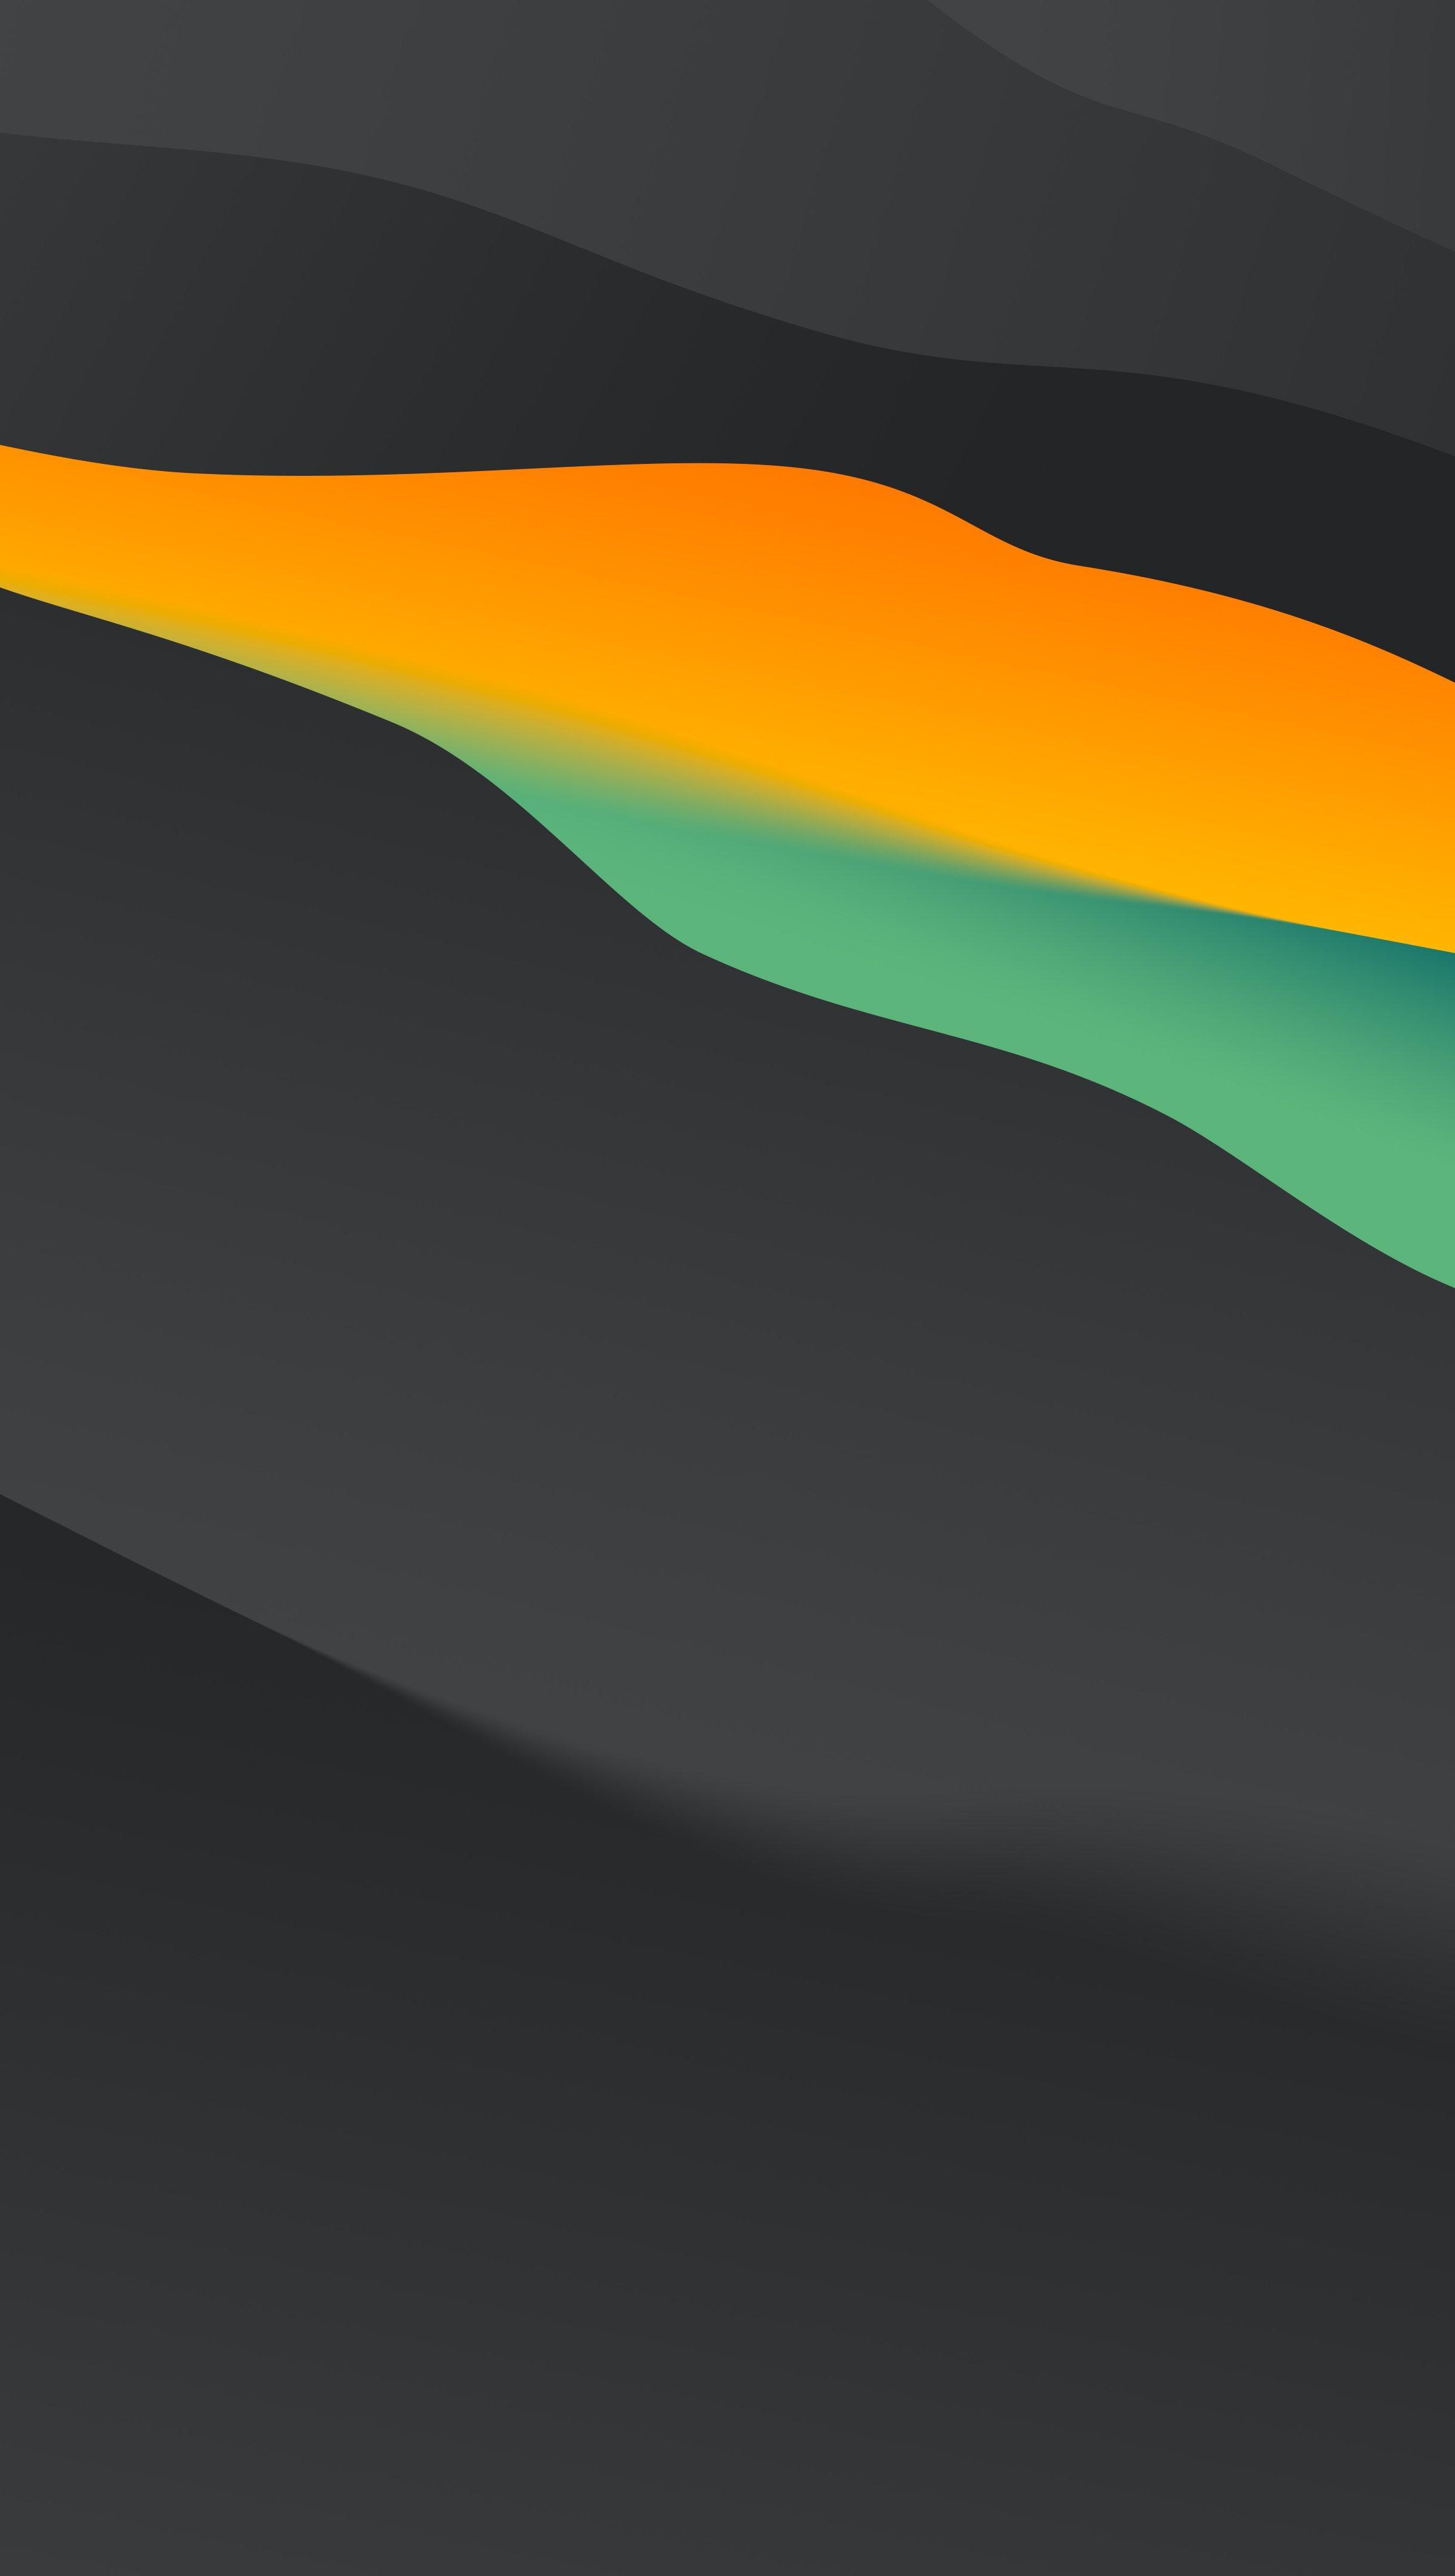 Fondos de pantalla El gris se hace colorido Vertical